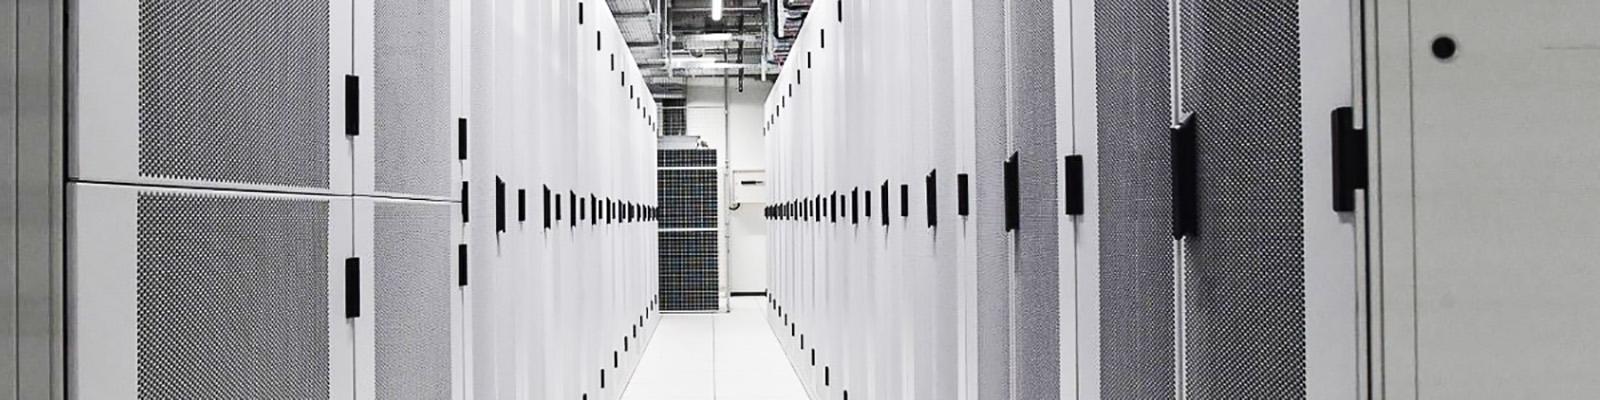 conception construction salles informatiques datacenters